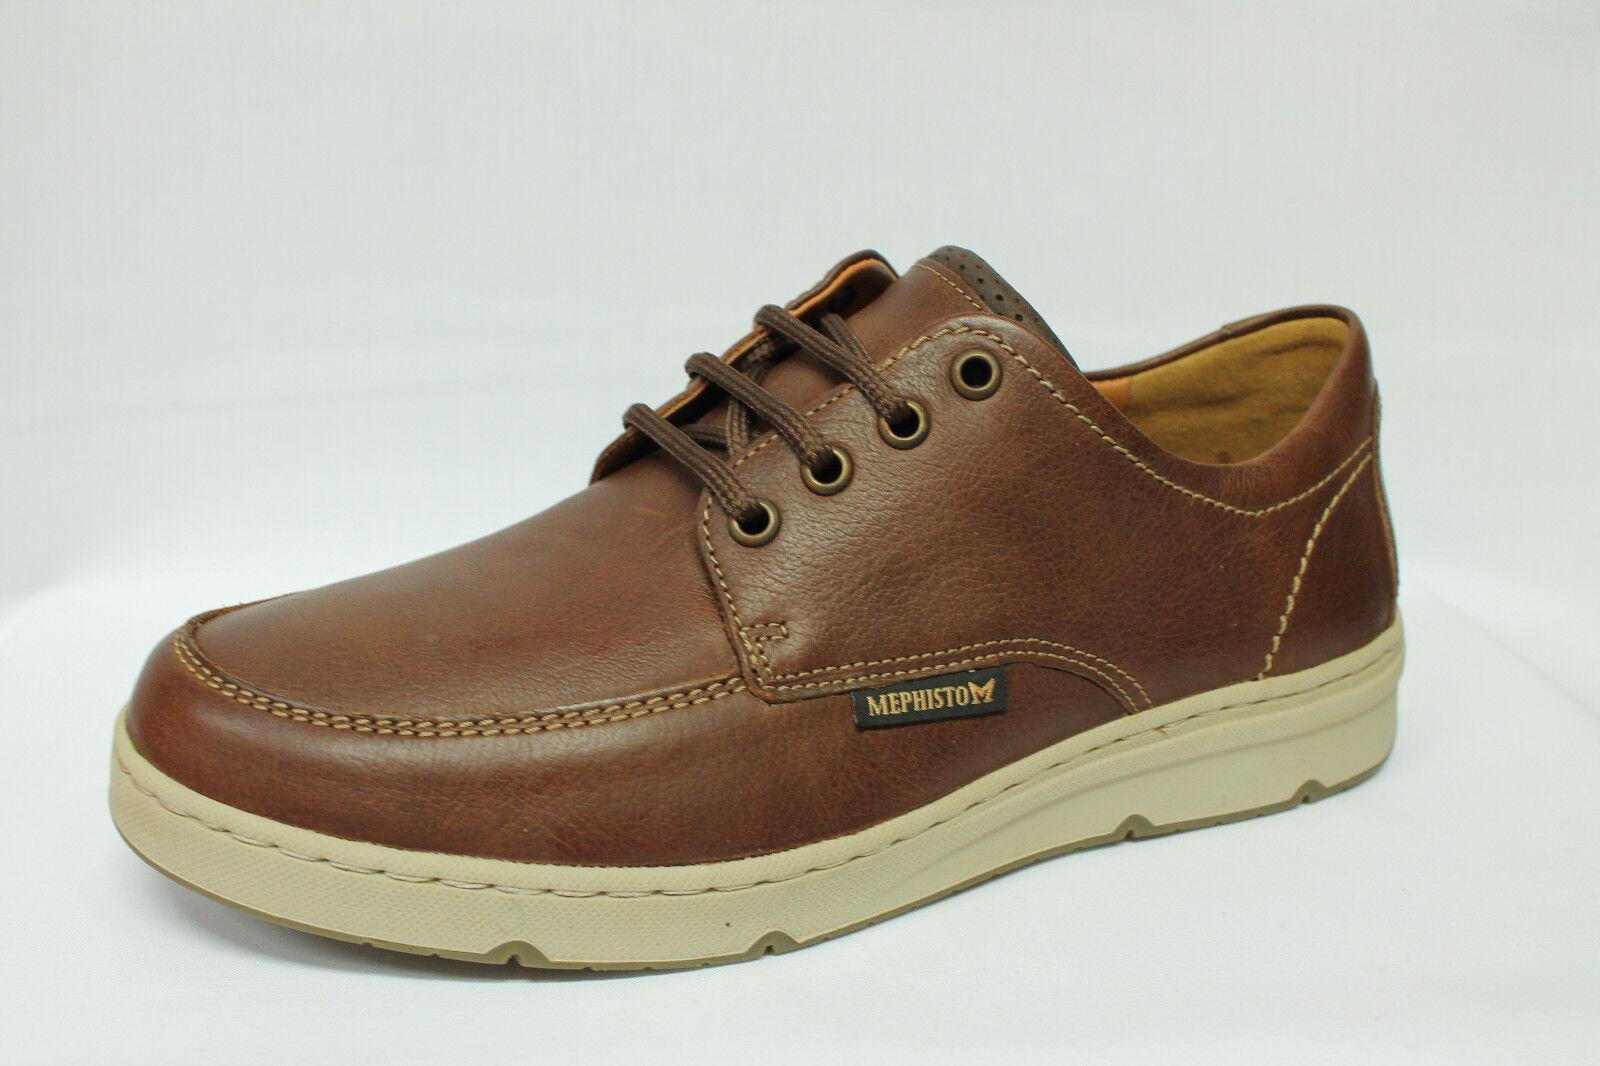 zapatos MEPHISTO Justin marrón Leather Hazelnut list  149 - 20%